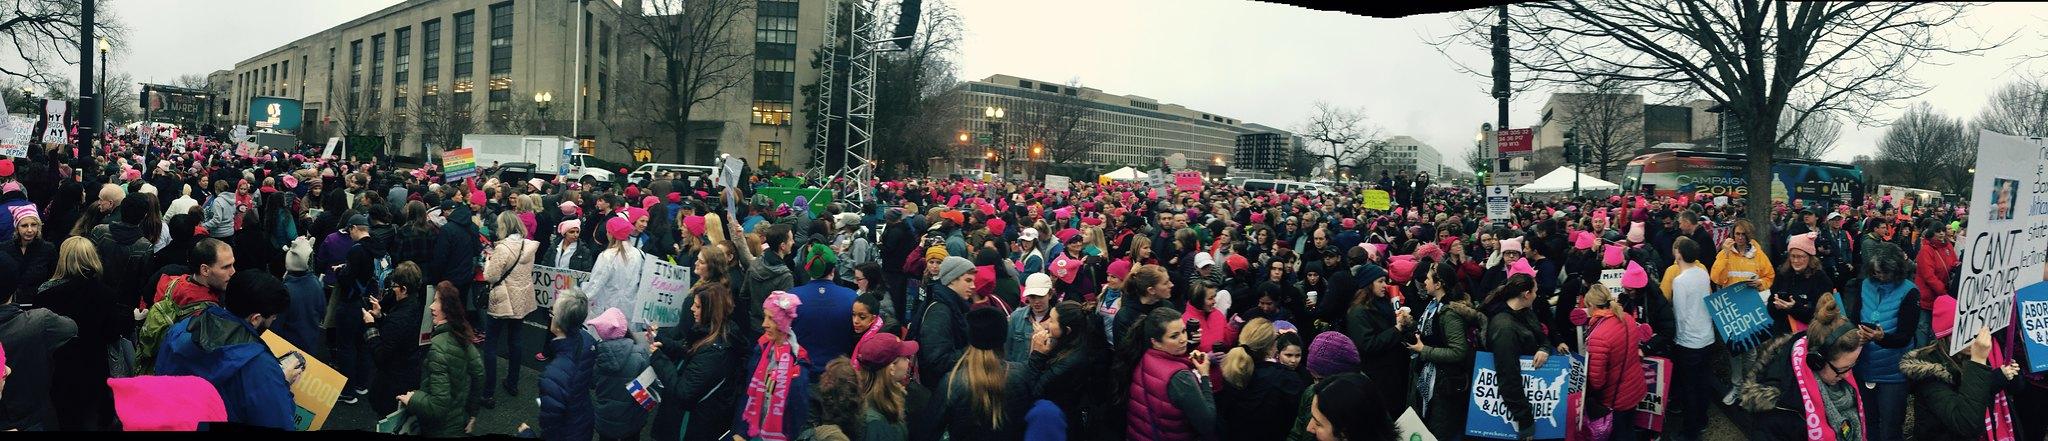 Women's March 2017